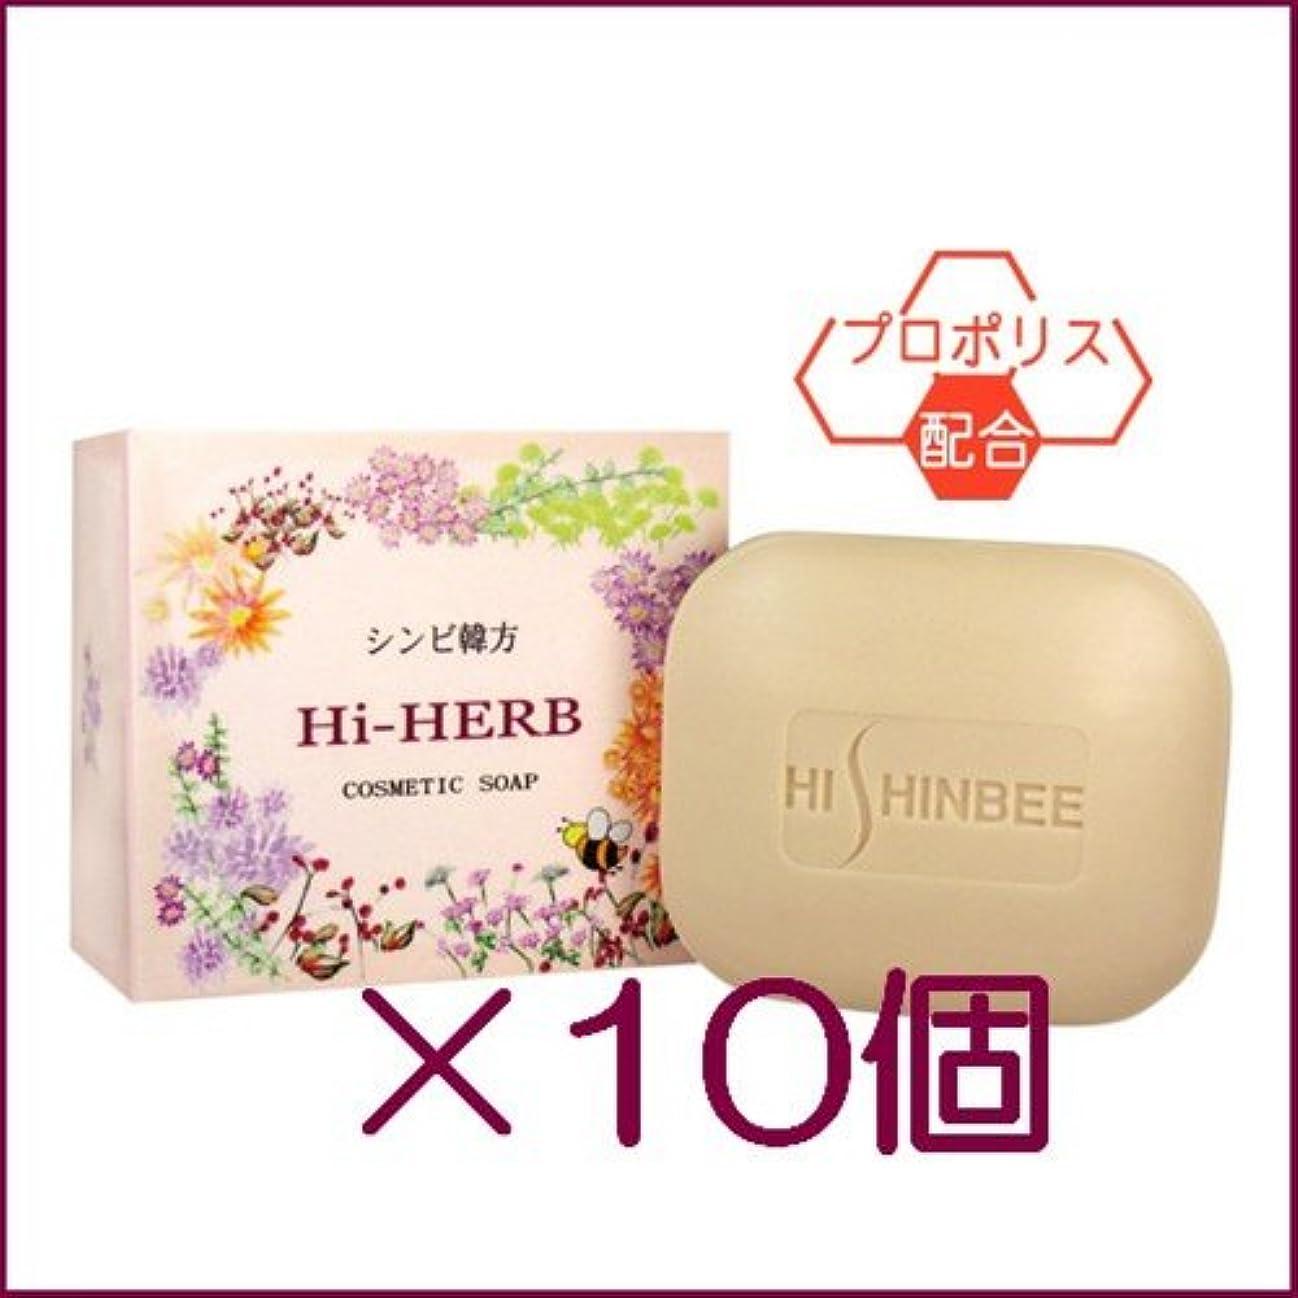 同意する部屋を掃除するメイドシンビ 韓方ハイハーブ石鹸 100g ×10個